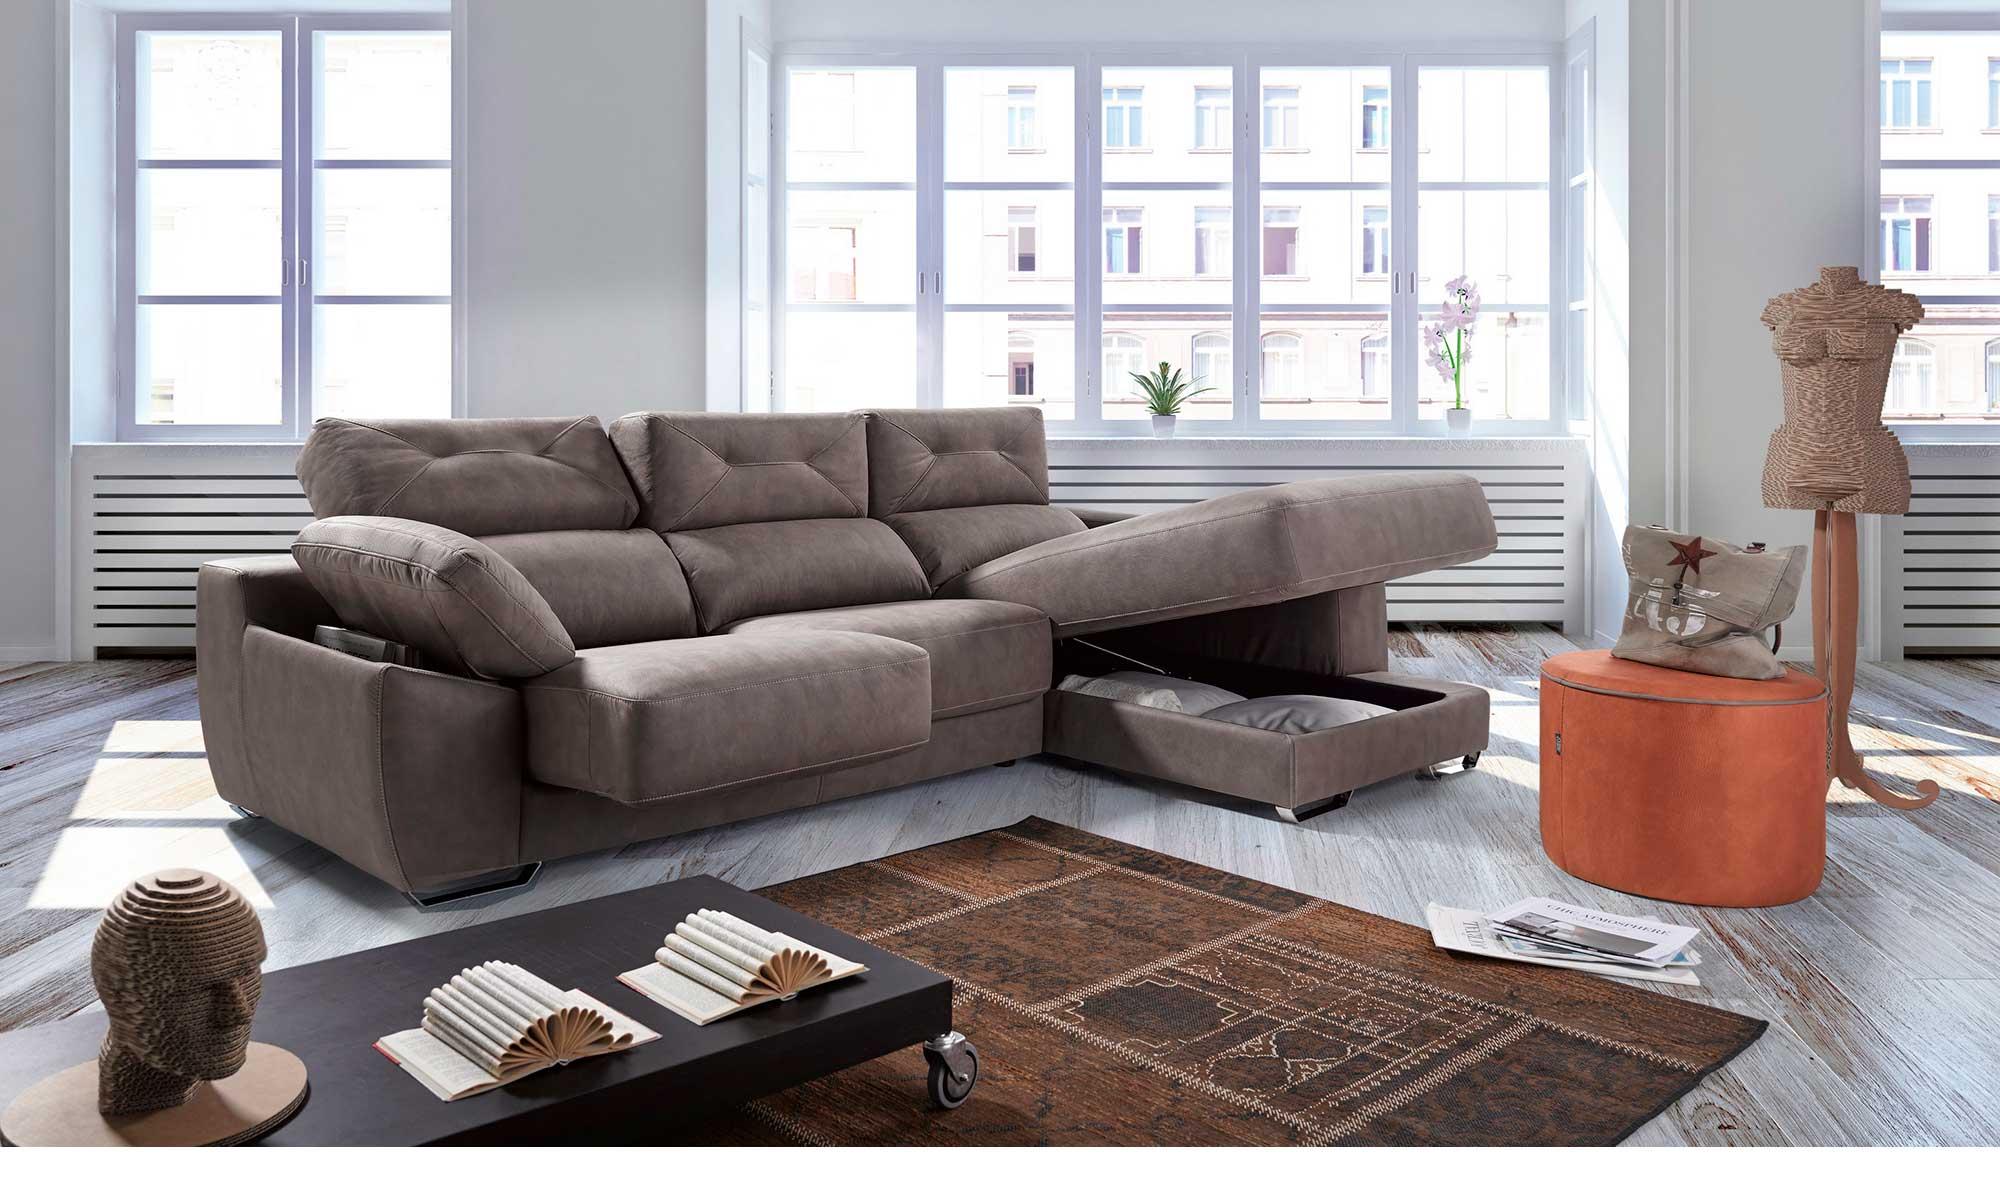 Blog Muebles Los Barriales # Muebles Cultivados